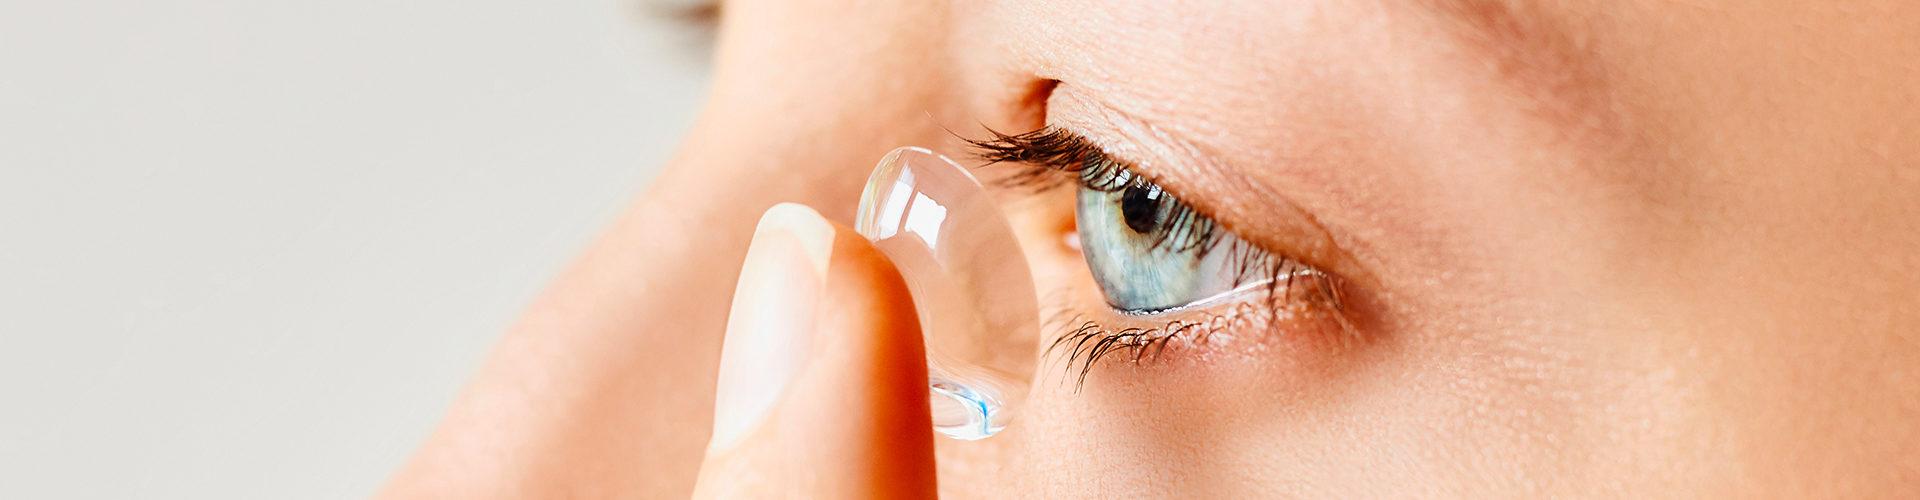 Conjonctivite et lentilles : compatibles ?